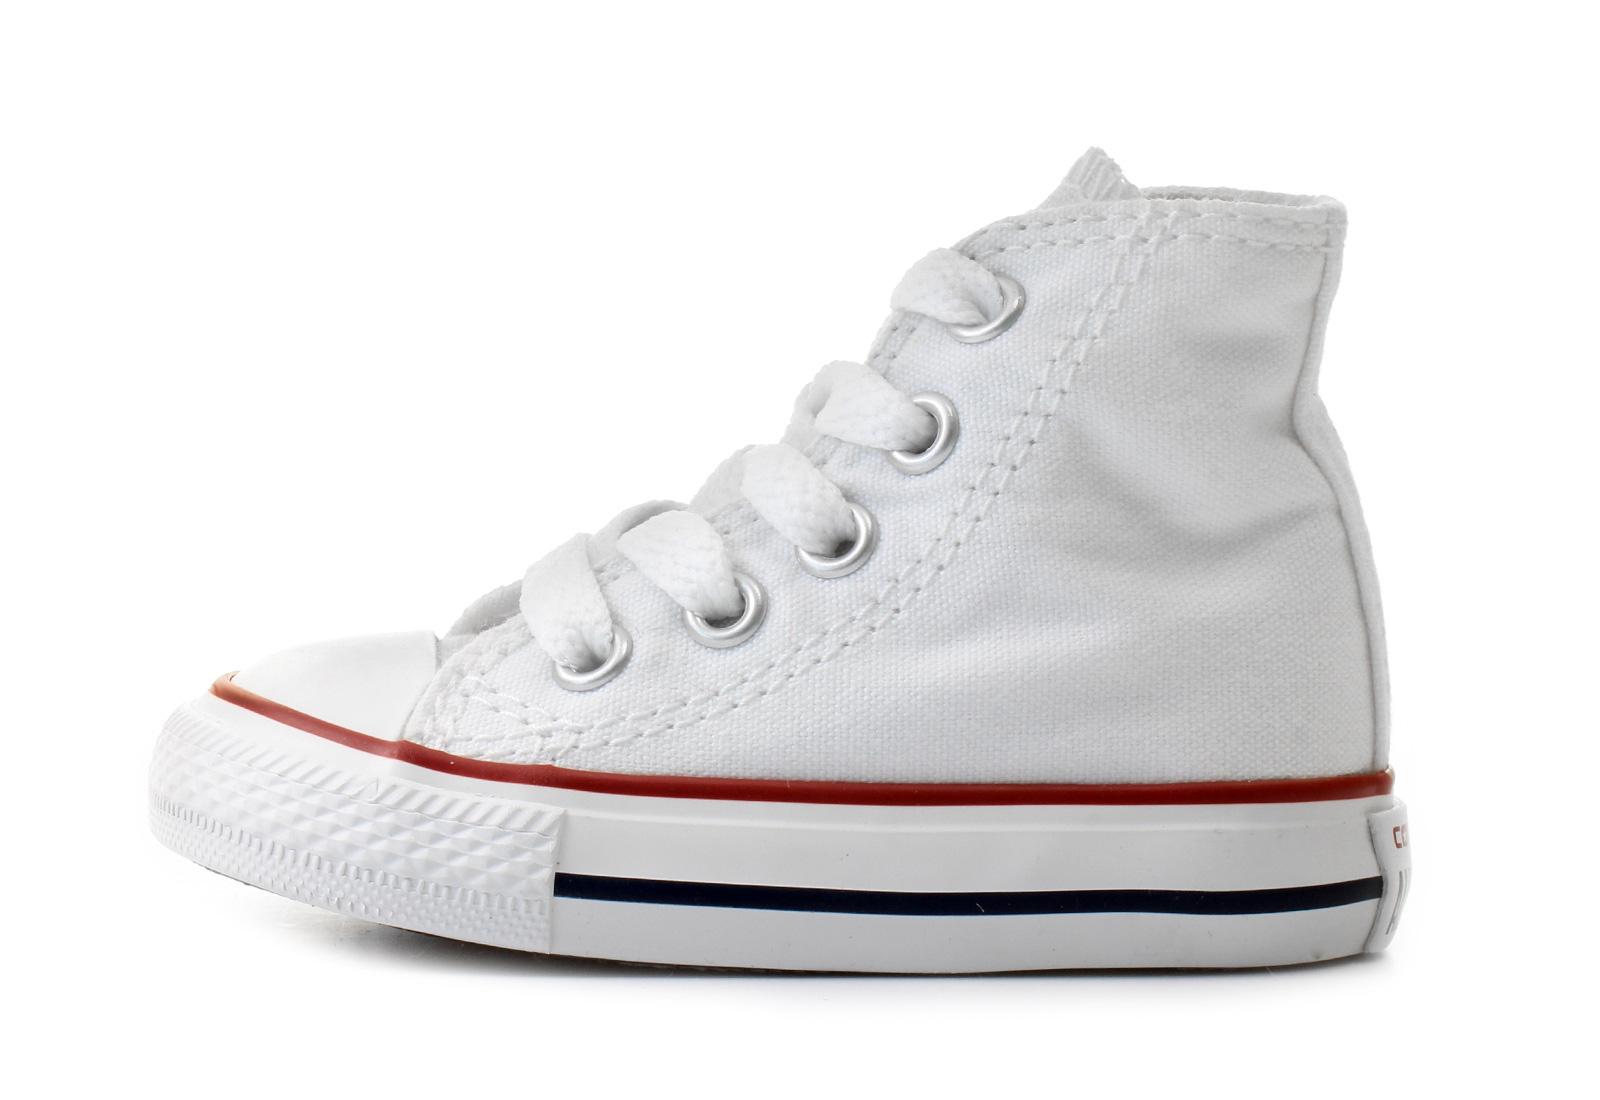 31e4d25ef Converse Sneakers - Chuck Taylor All Star Core Kids Hi - 7J253C ...